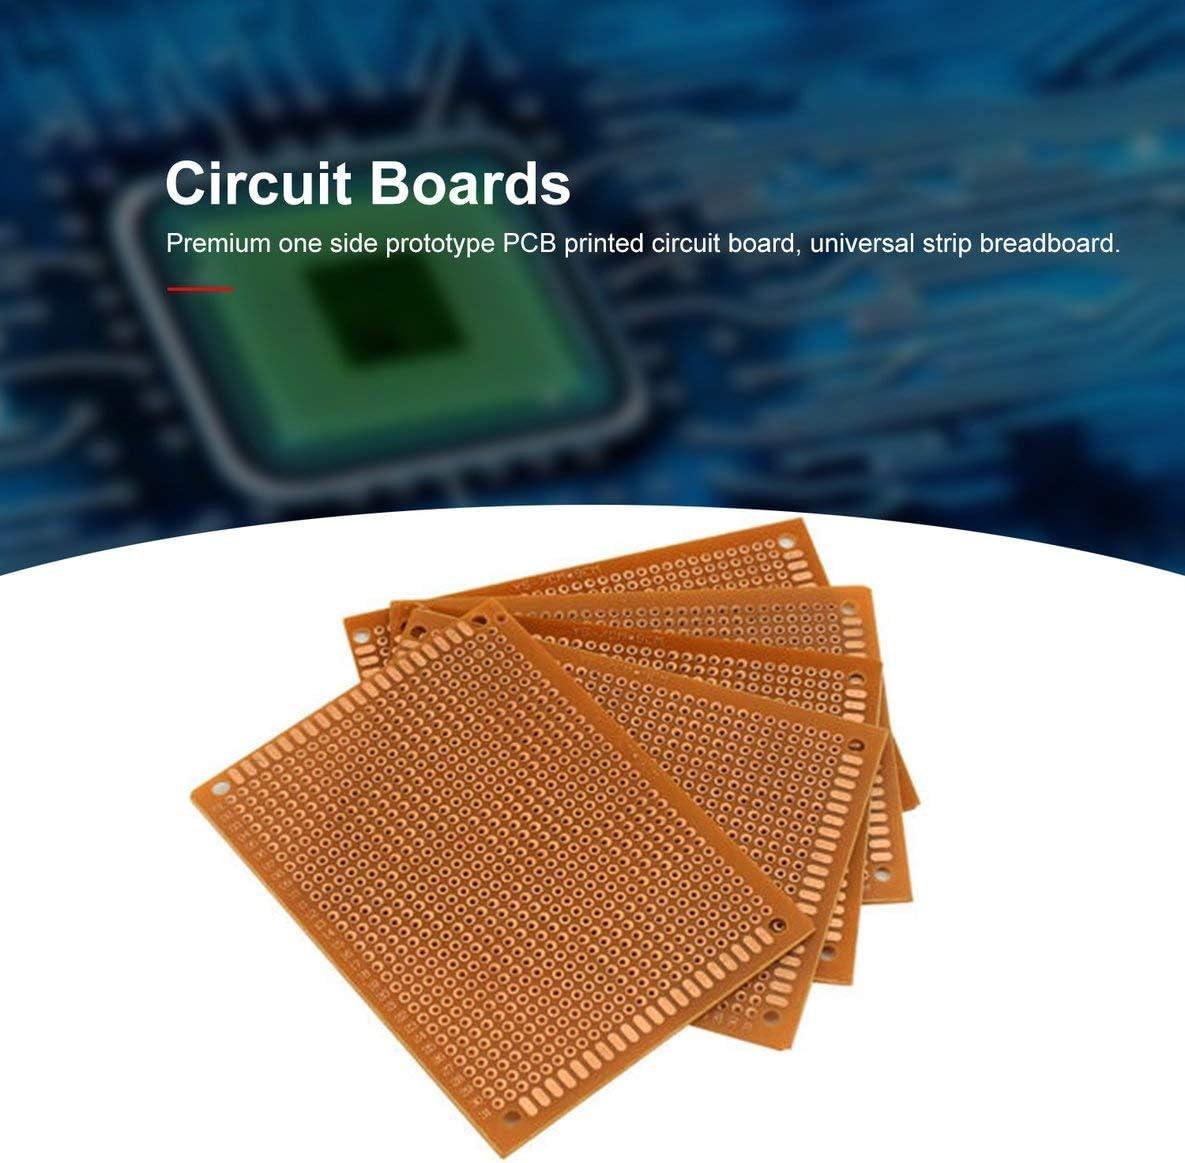 Rouku 10 PCS//Pack Prototype Papier Imprim/é PCB Circuit Board Panneau Simple C/ôt/é Universel Bande Breadboard pour Bricolage /À Souder